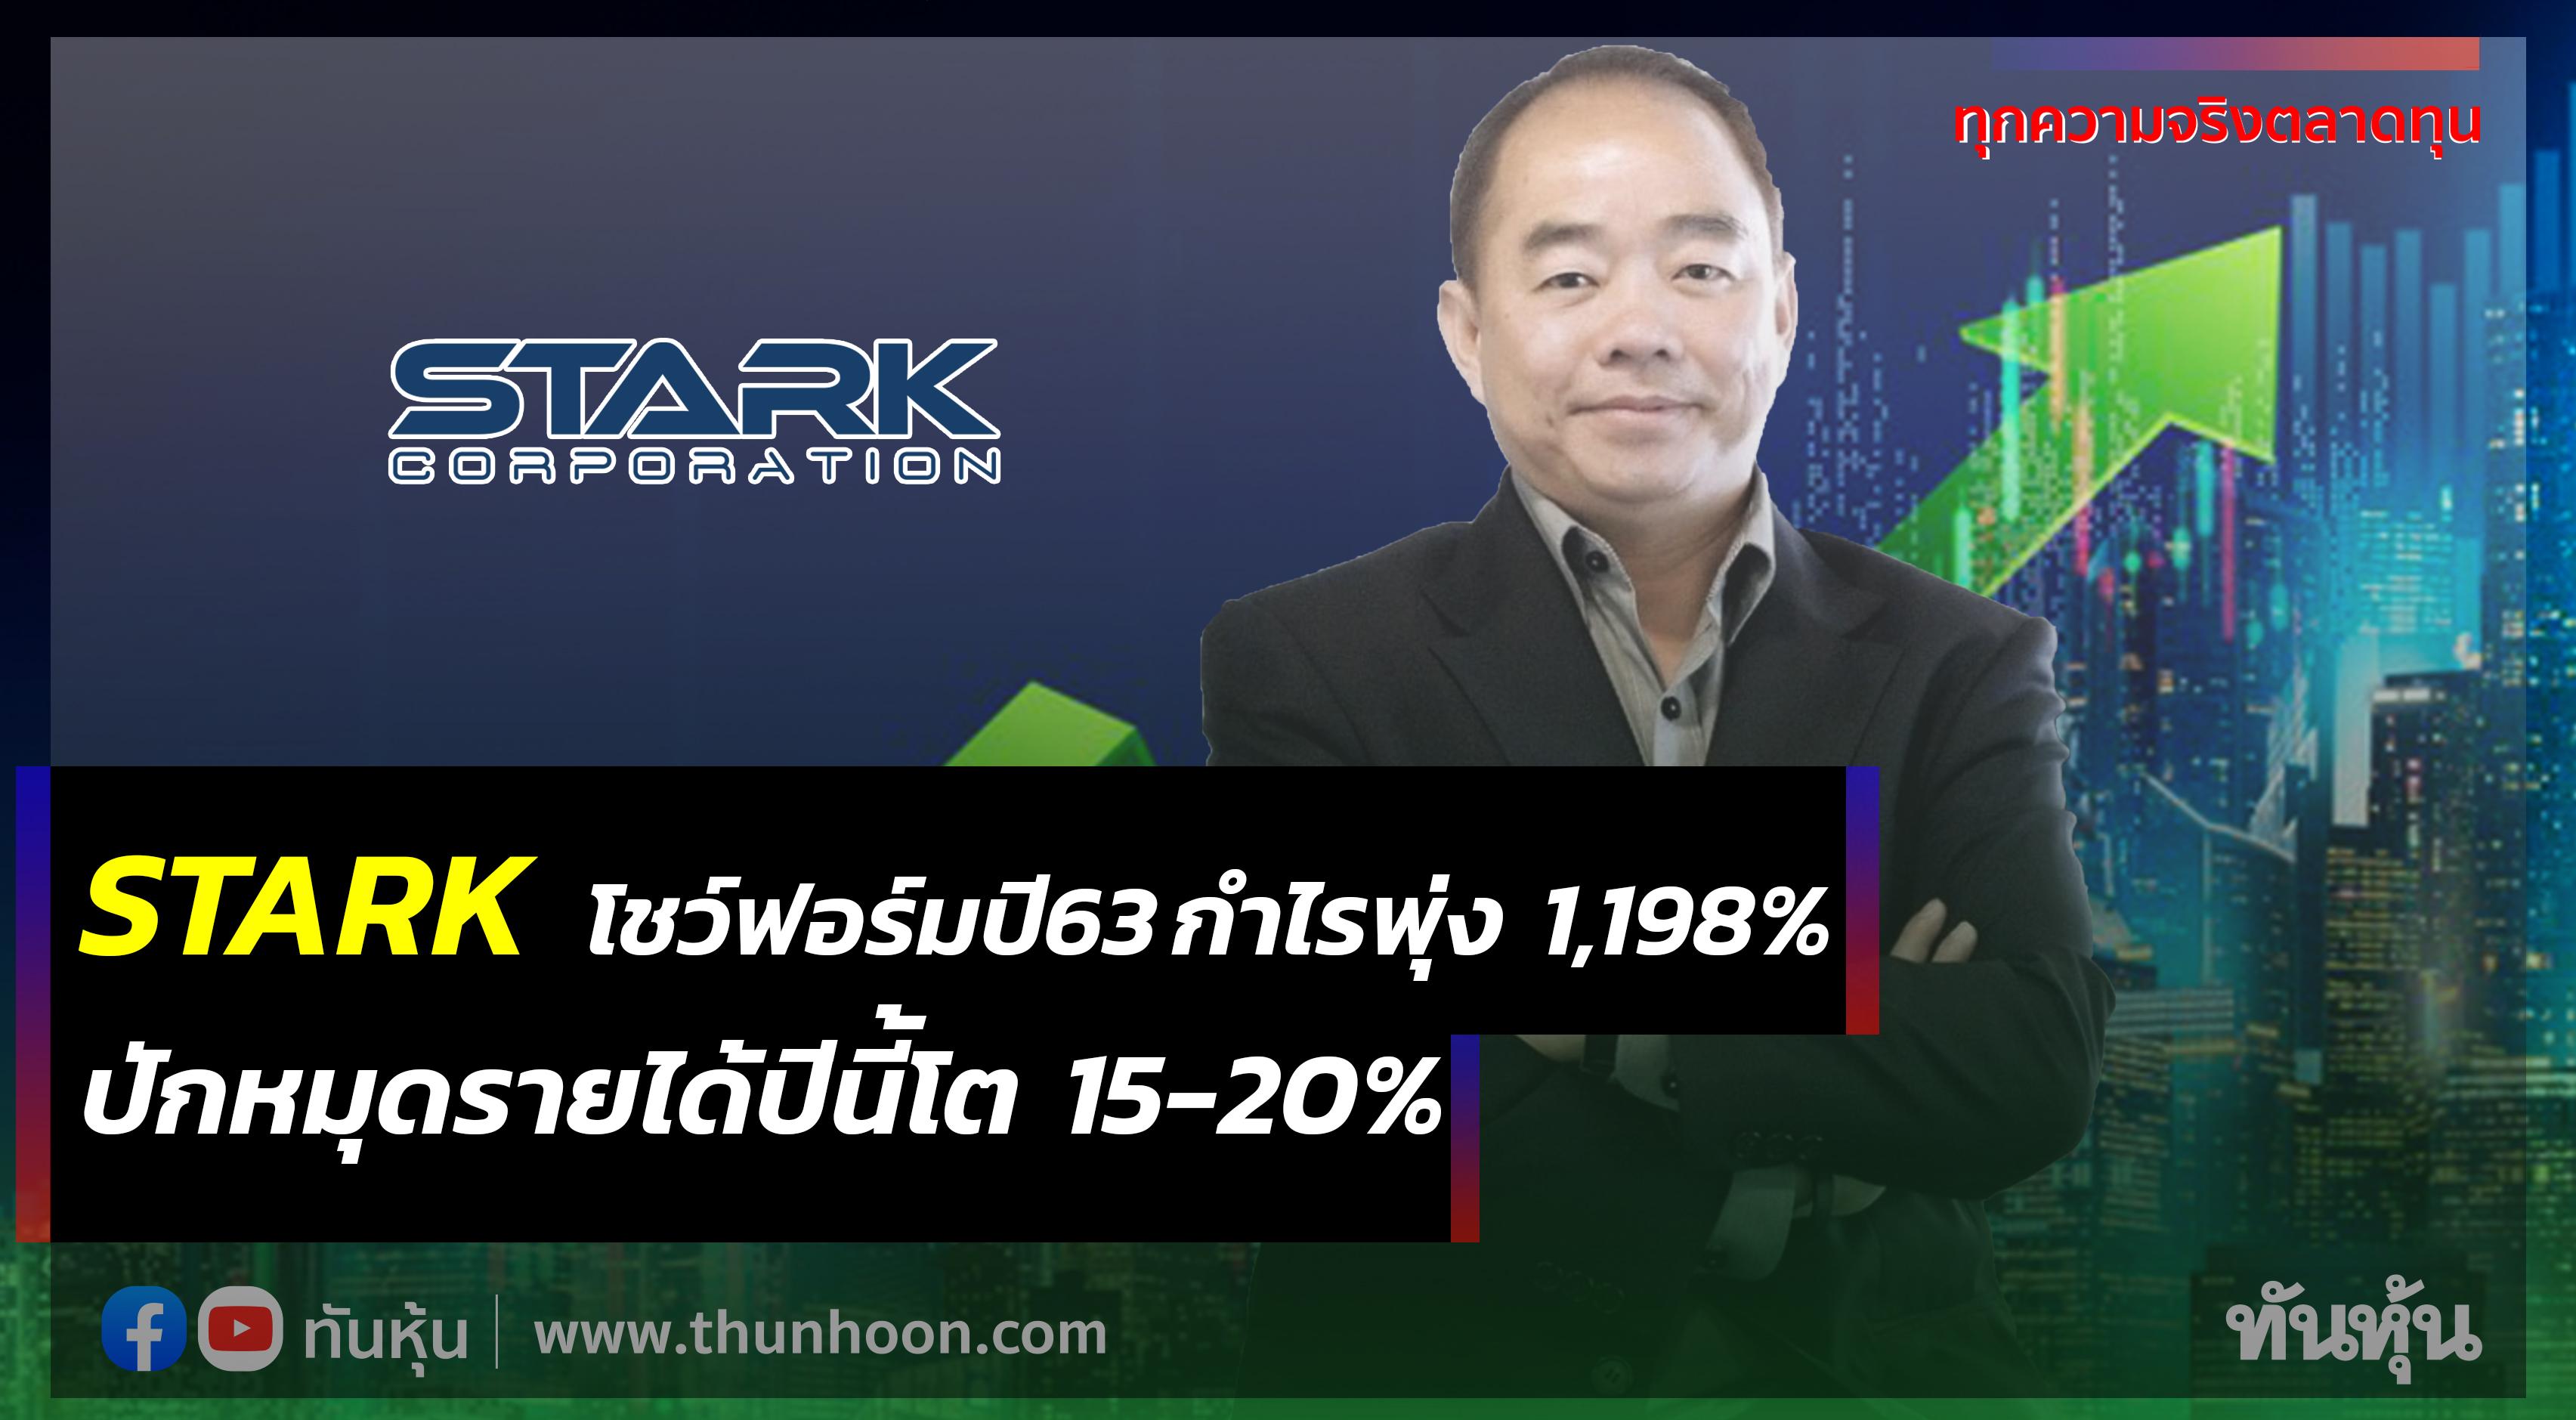 STARK โชว์ฟอร์มปี63 กำไรพุ่ง 1,198% ปักหมุดรายได้ปีนี้โต 15-20%